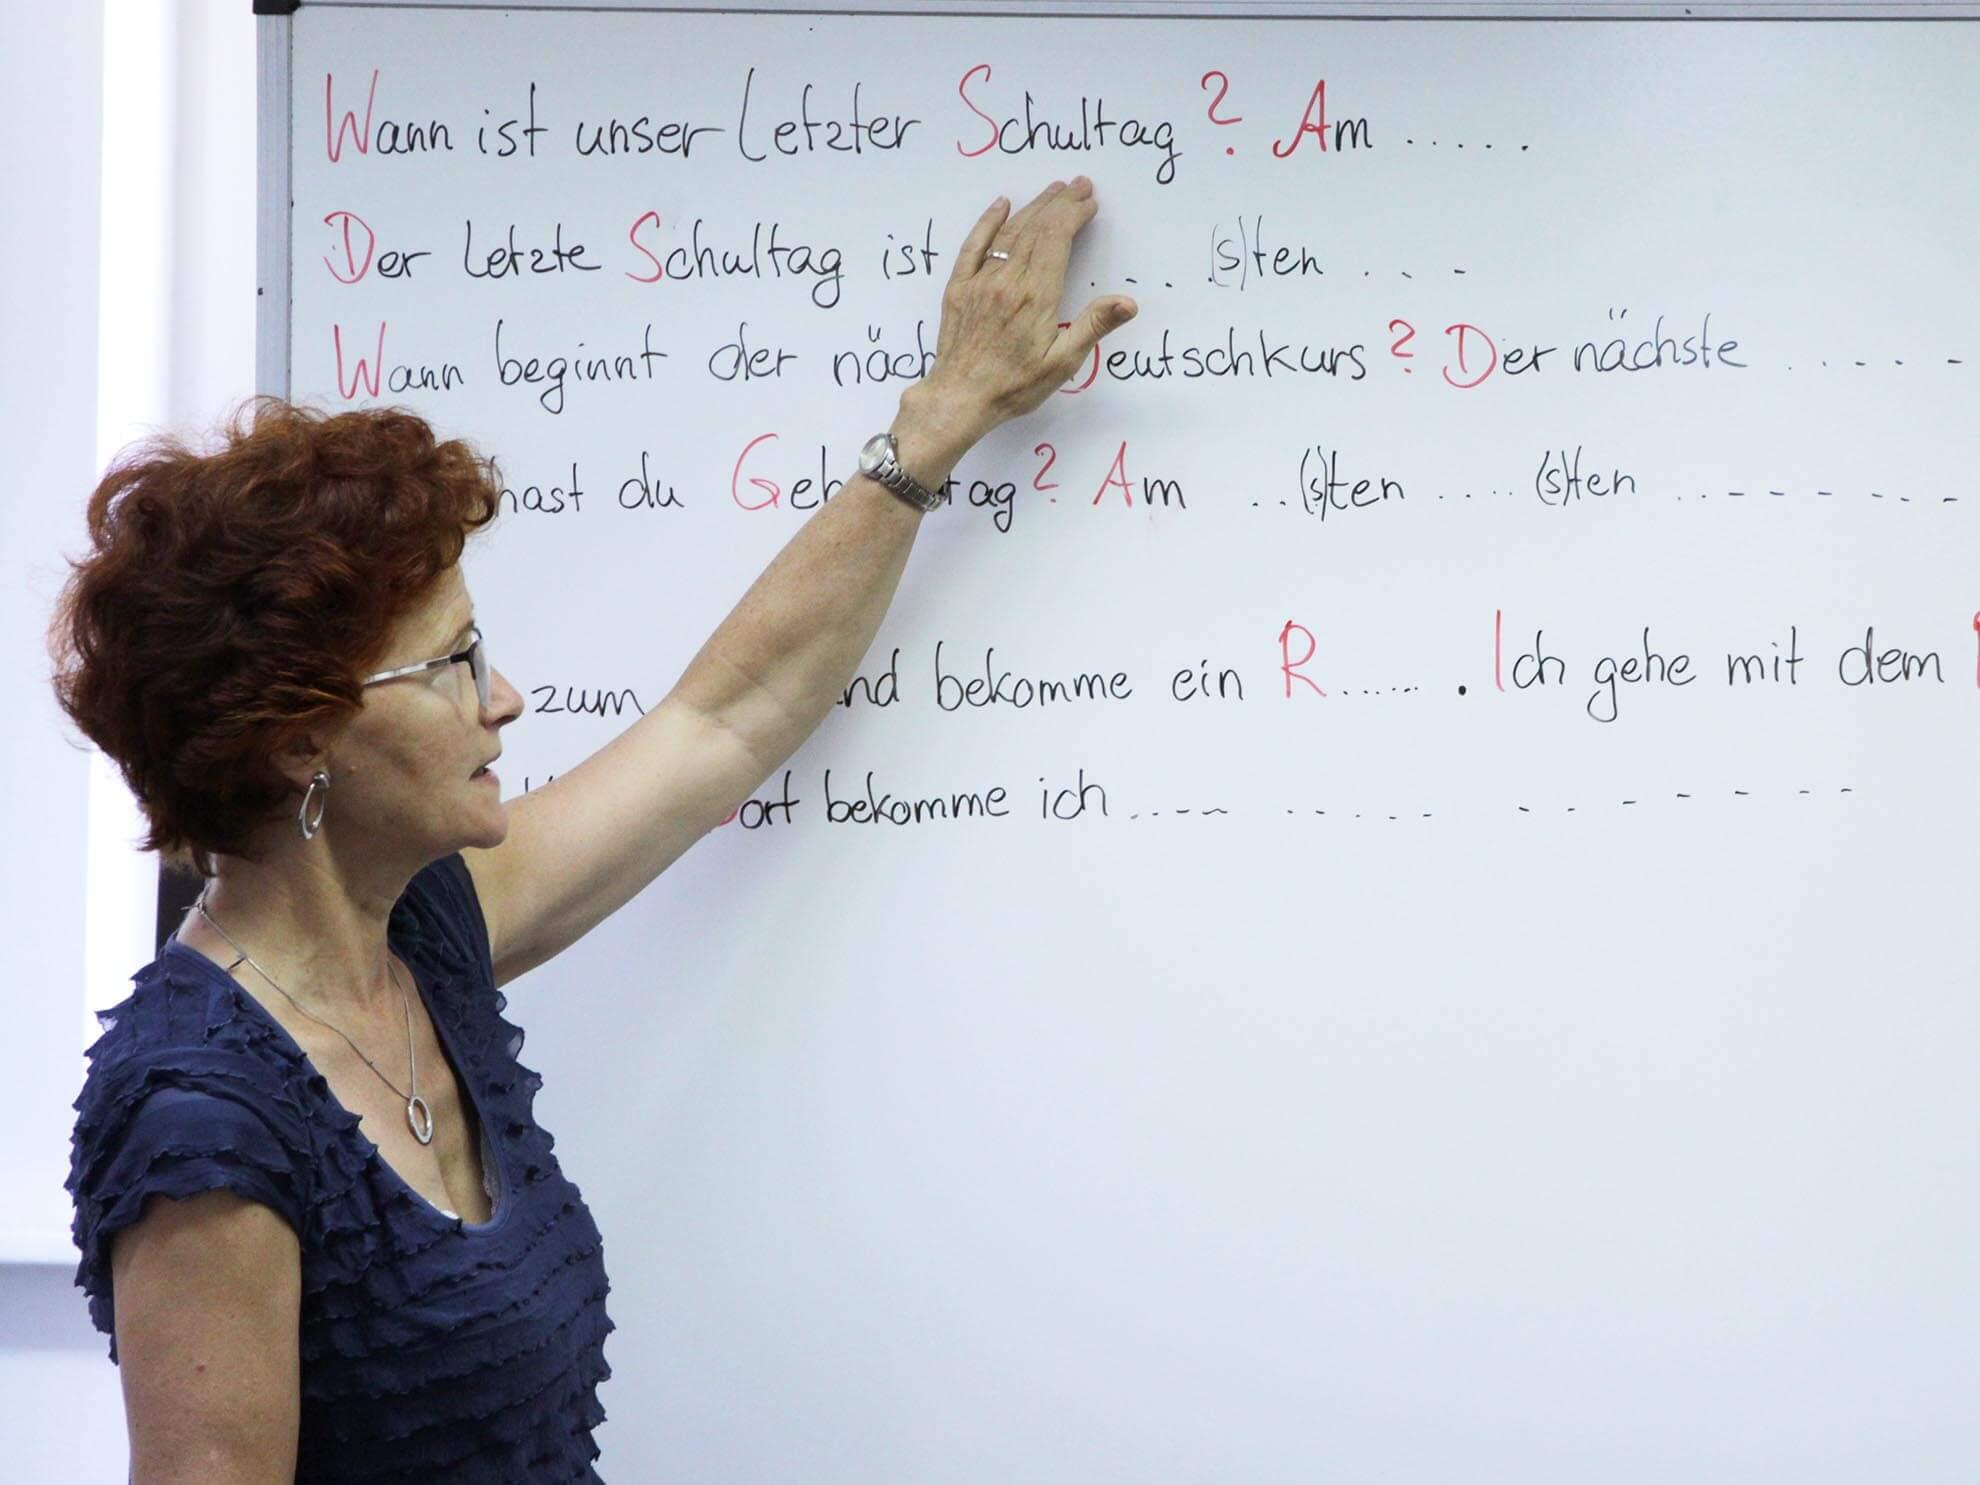 Mit viel Erfahrung und Herz bei der Sache: Die Lehrerin Christiane Schneider.